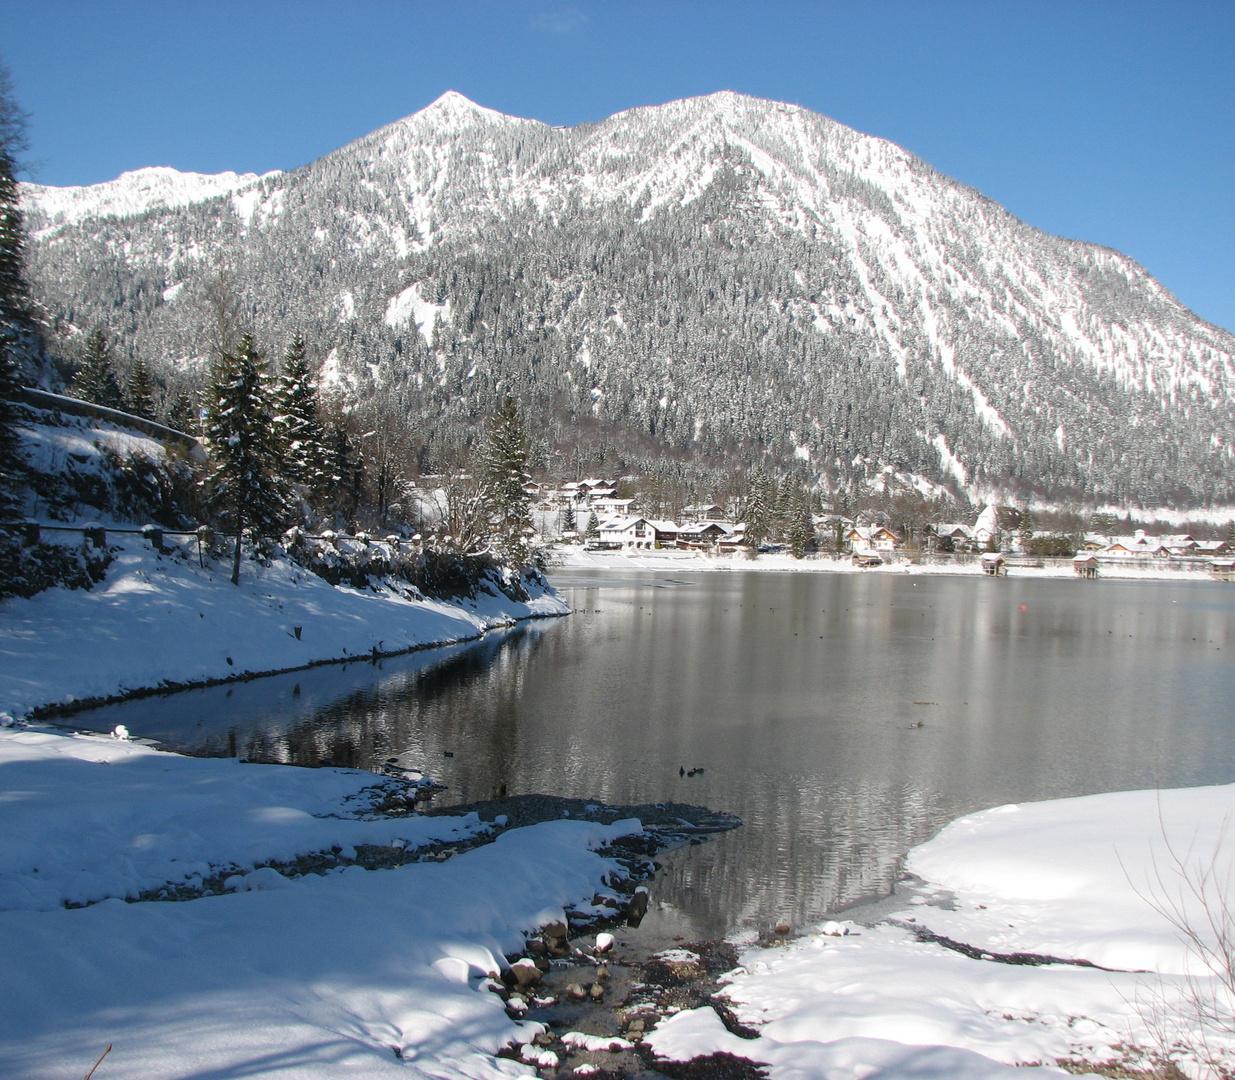 Am Walchensee - Blick auf den tief verschneiten Herzogstand